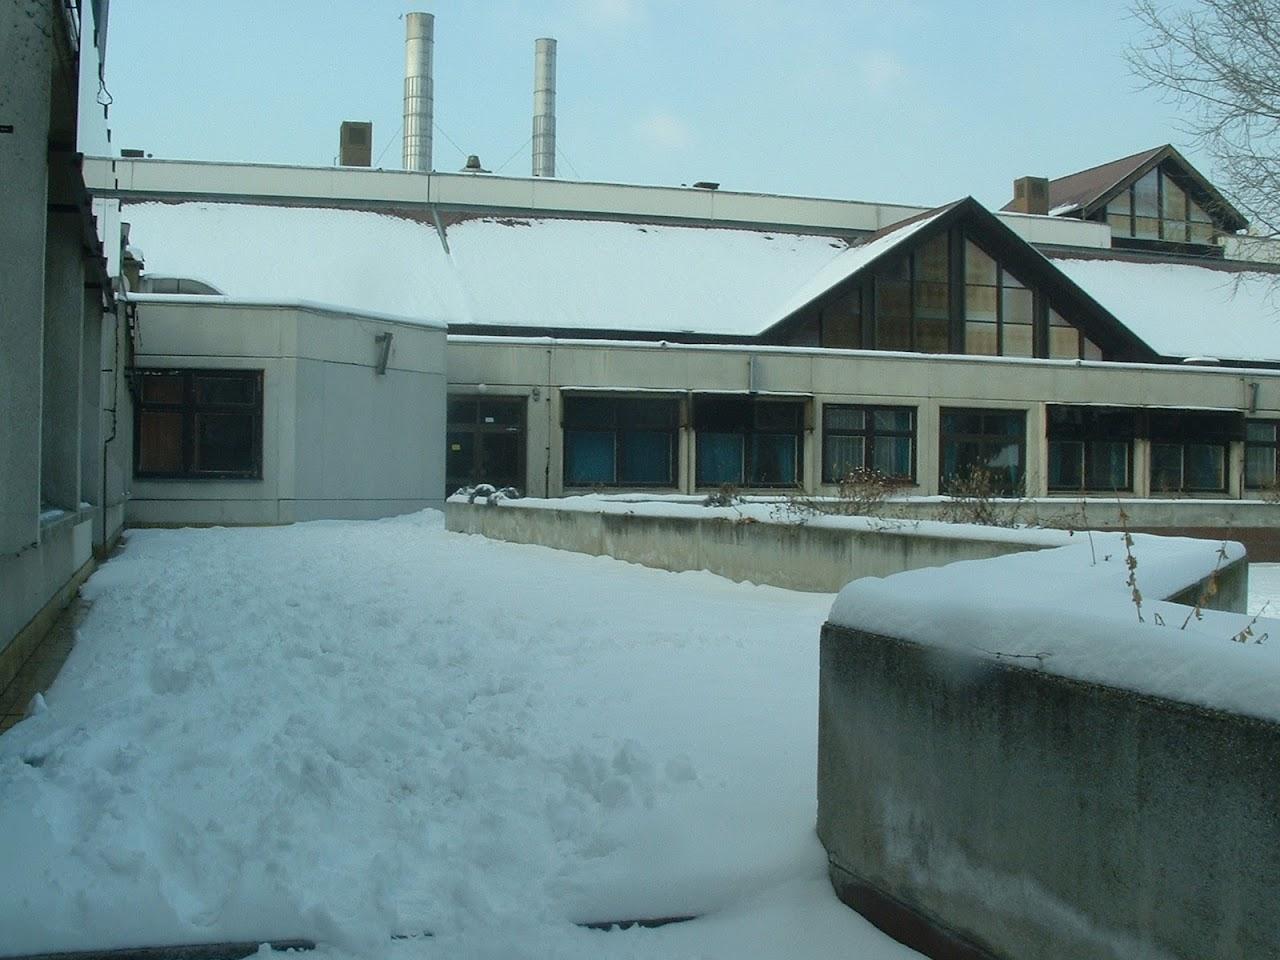 Képek az iskoláról - image027.jpg